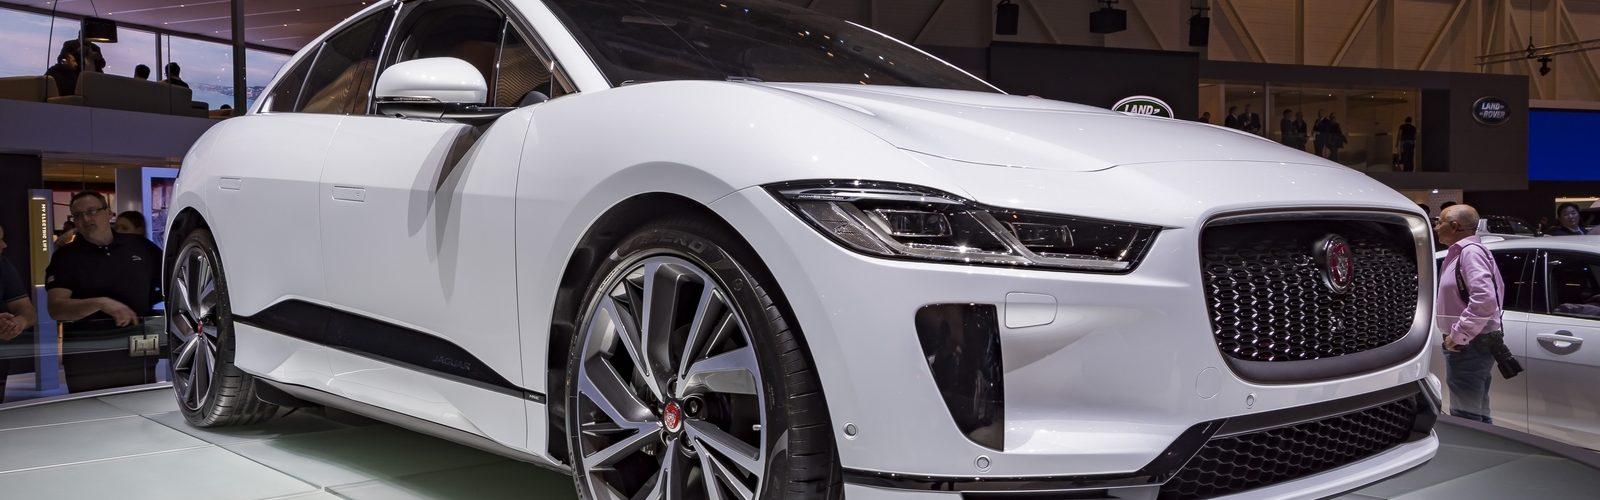 Geneve 2018 IPace Jaguar LeNouvelAutomobiliste 07